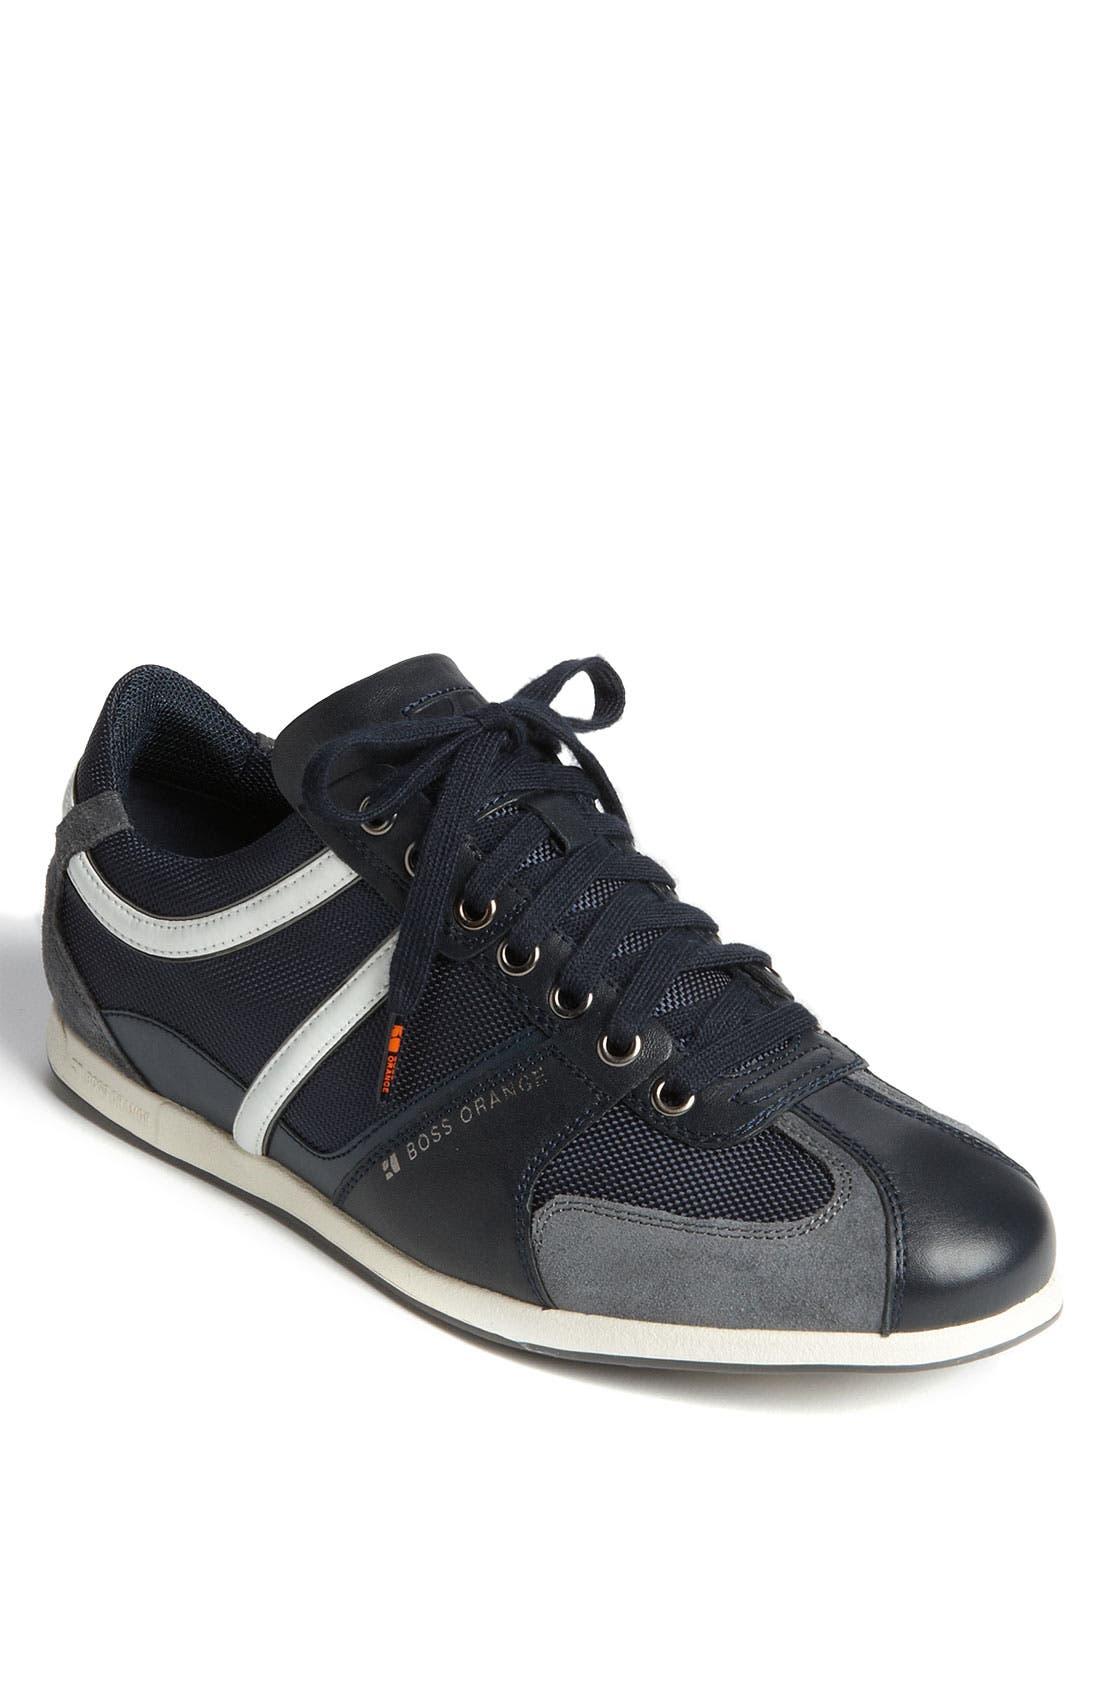 Alternate Image 1 Selected - BOSS Orange 'Simbad II' Sneaker